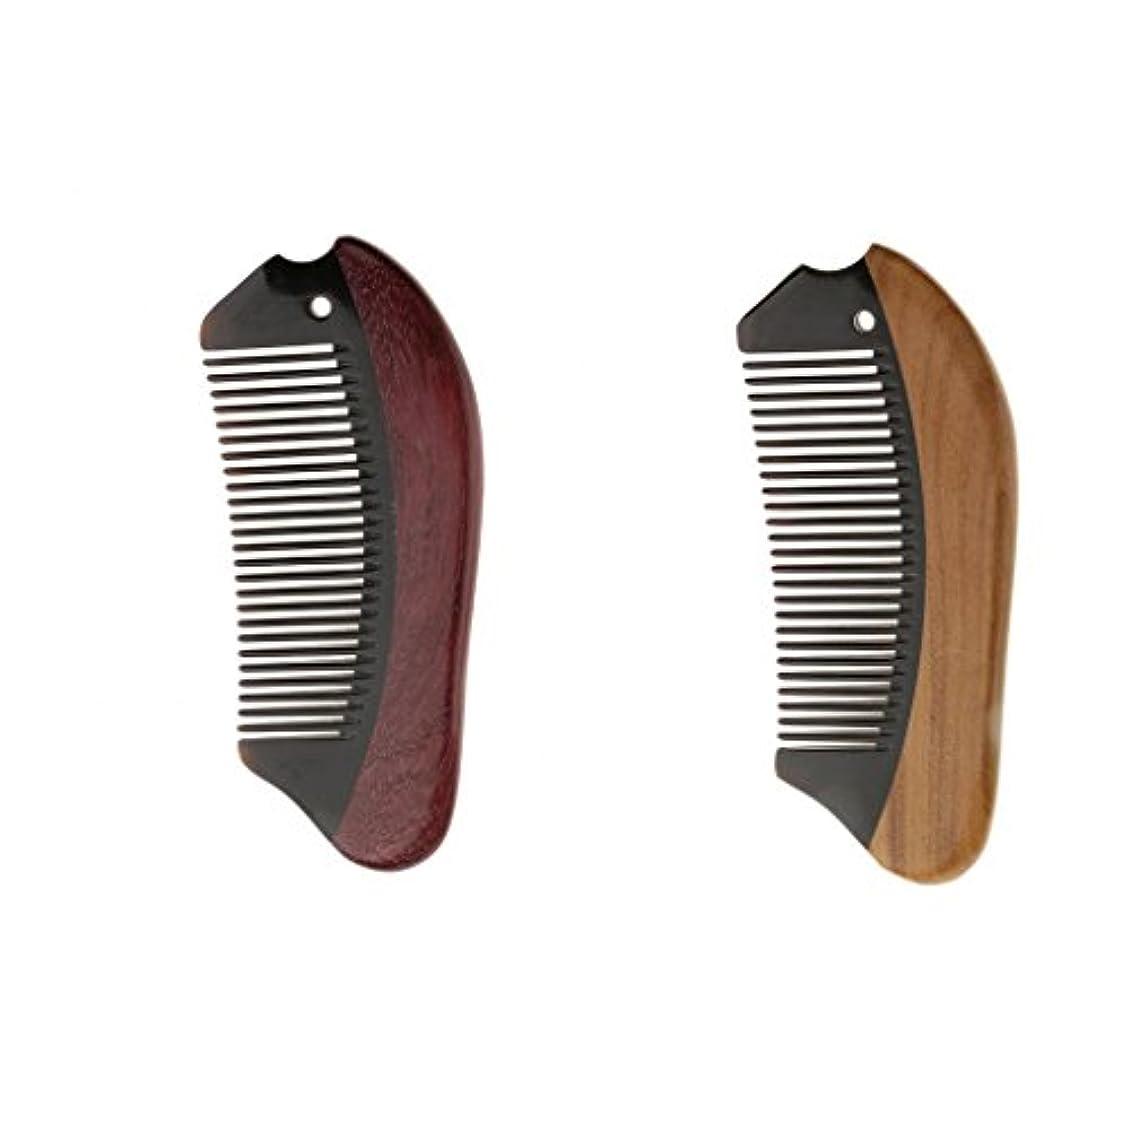 極端な区別試験2個 木製 櫛 コーム ヘアダイコーム ブラシ 静電気防止 マッサージ 滑らか 快適